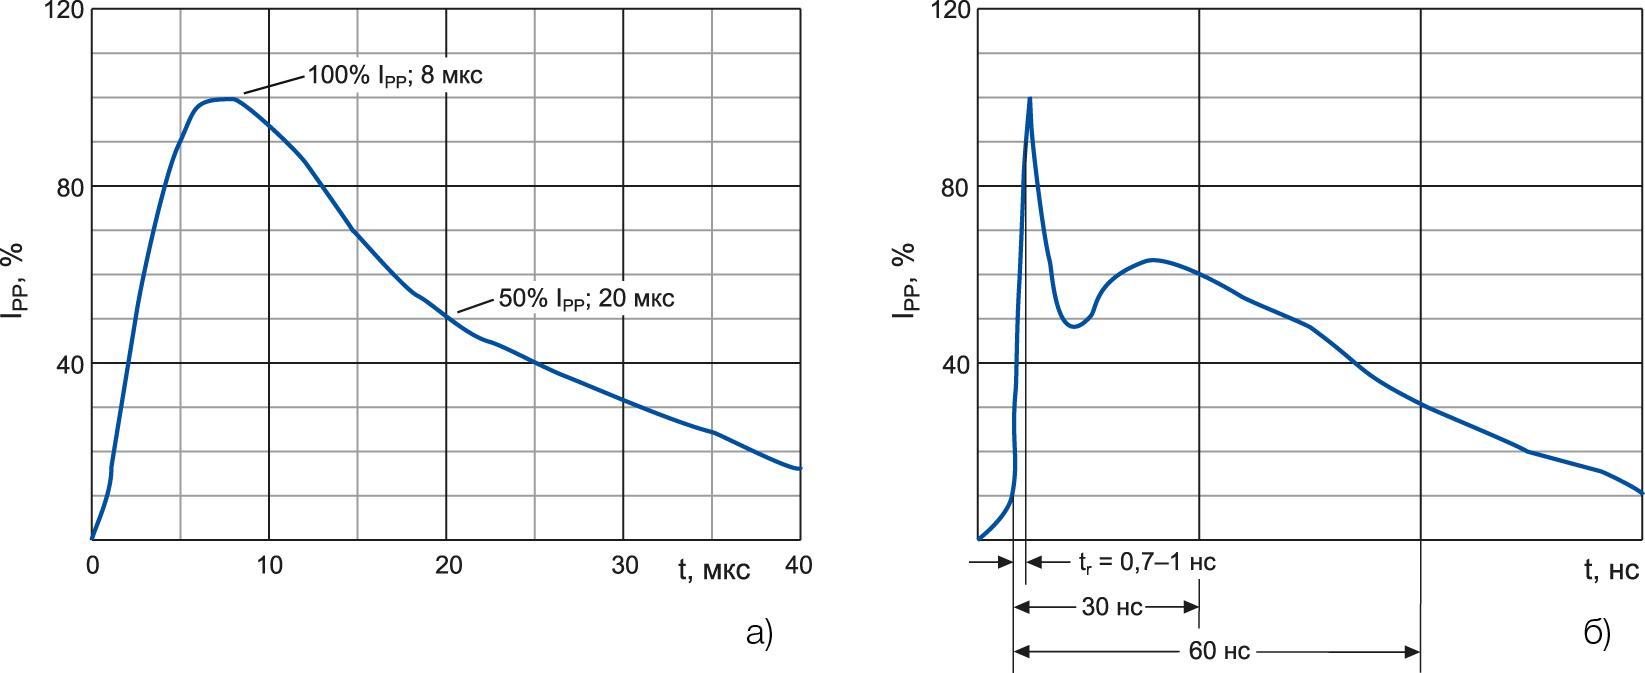 Характеристики импульсов тока, вызванных грозовым разрядом и электростатическим разрядом